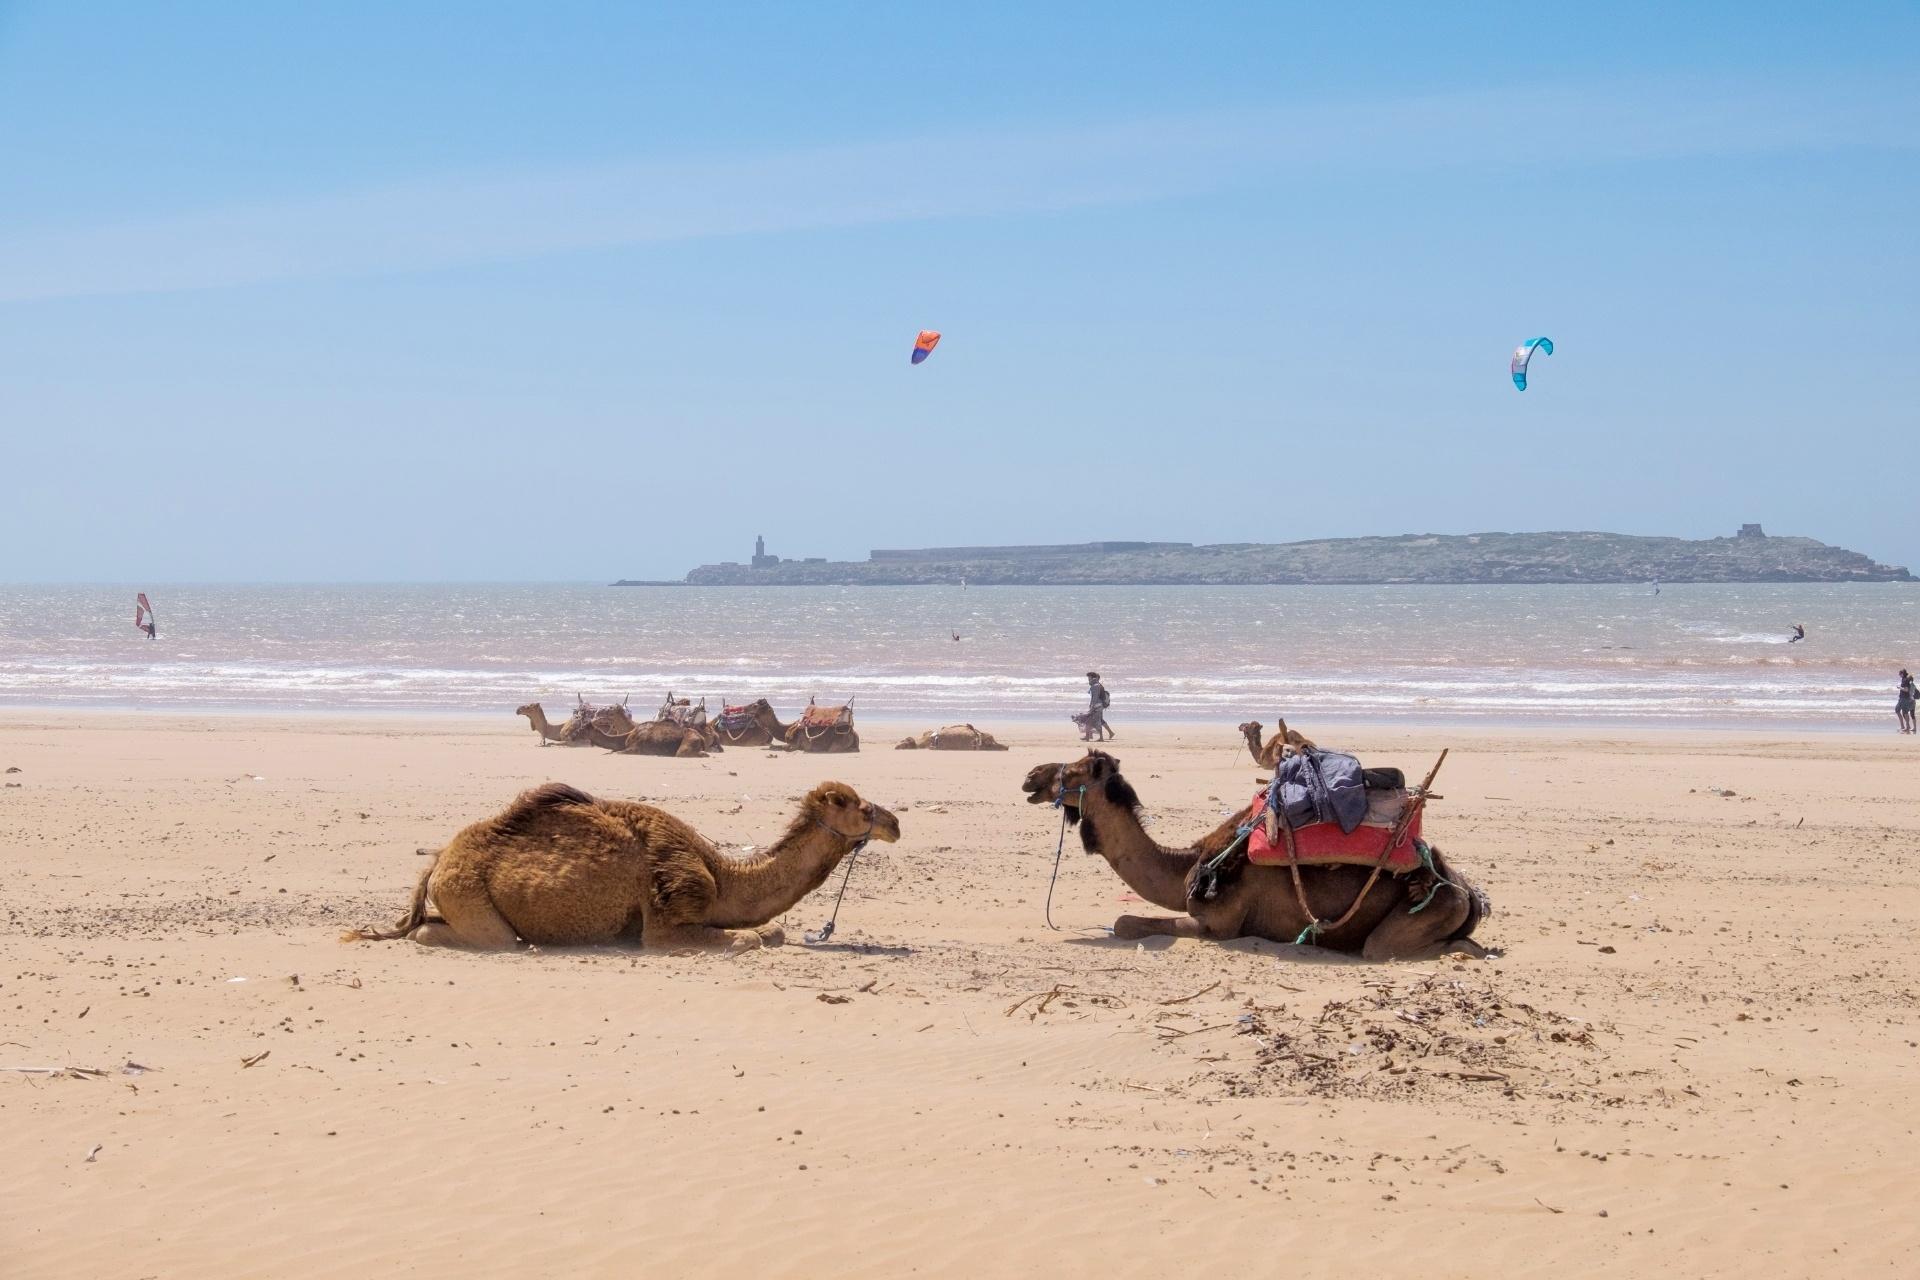 風の都市 エッサウィラの海岸の風景 モロッコの風景